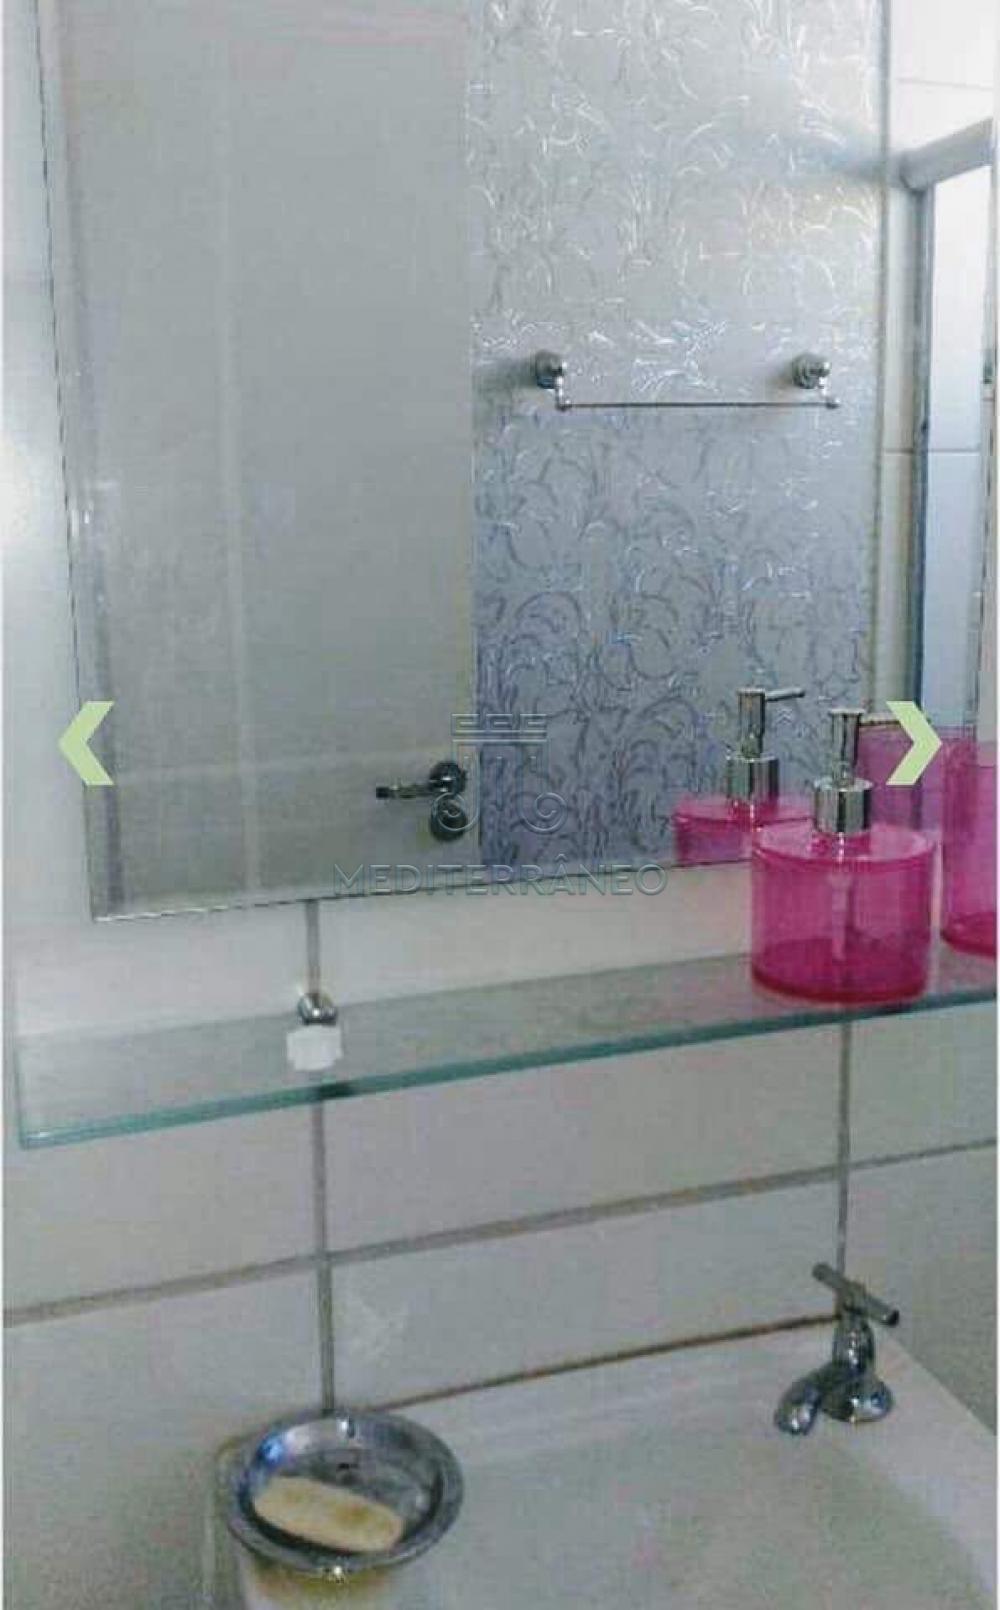 Comprar Apartamento / Padrão em Jundiaí apenas R$ 205.000,00 - Foto 6